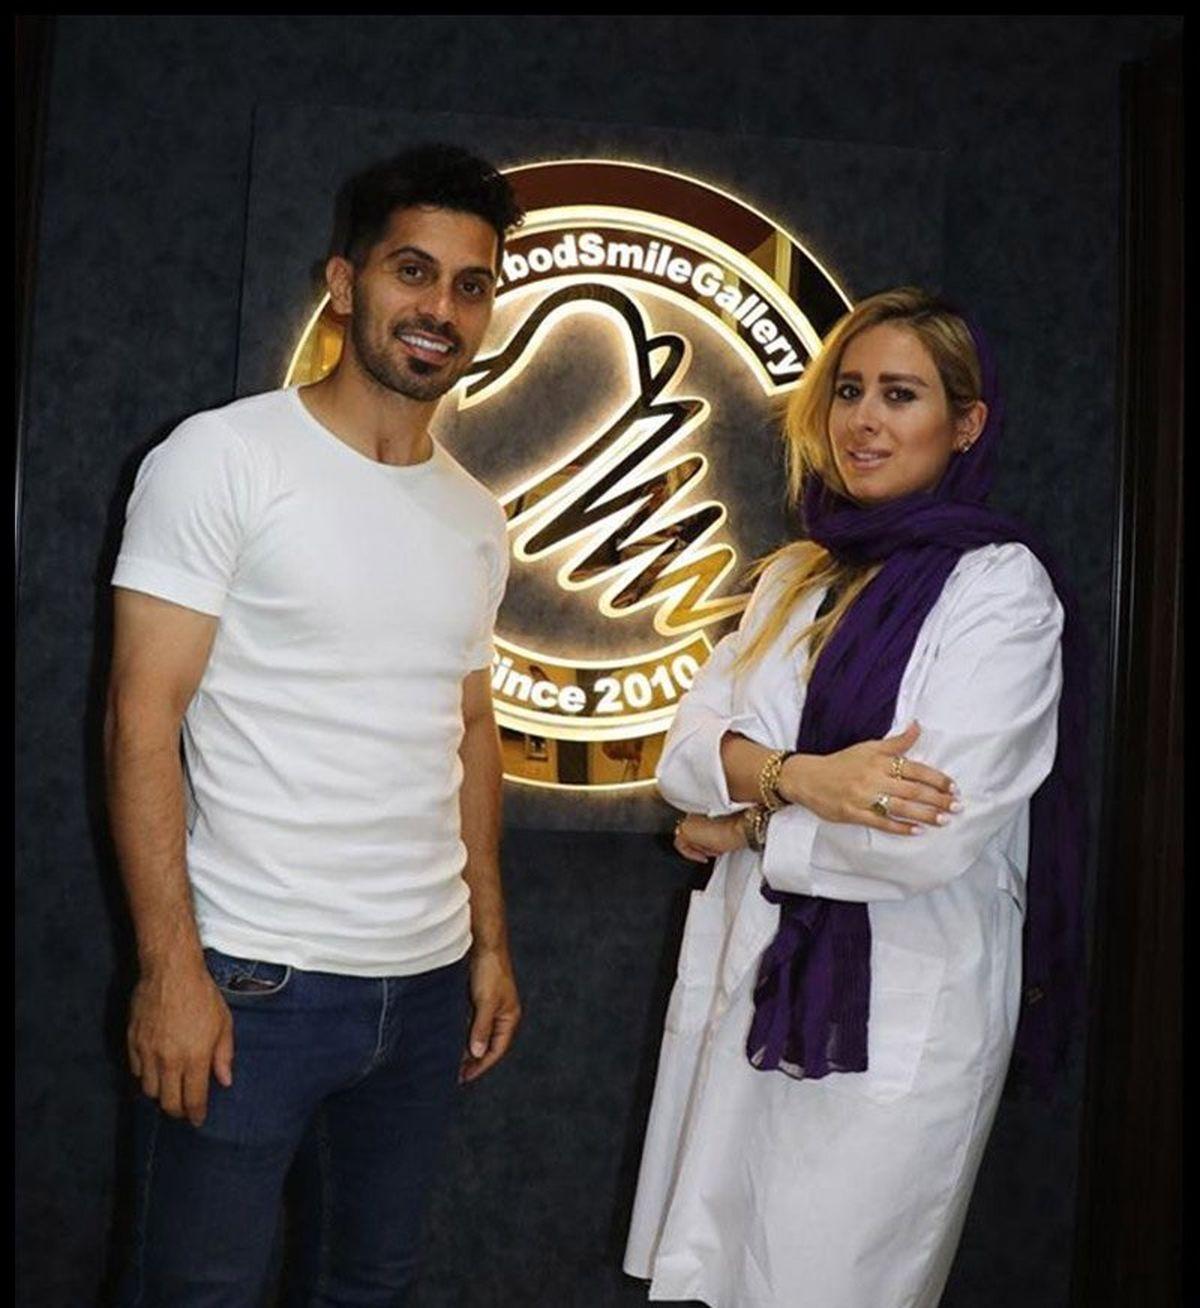 ازدواج امید عالیشاه با خانم دکتر جوان + عکس